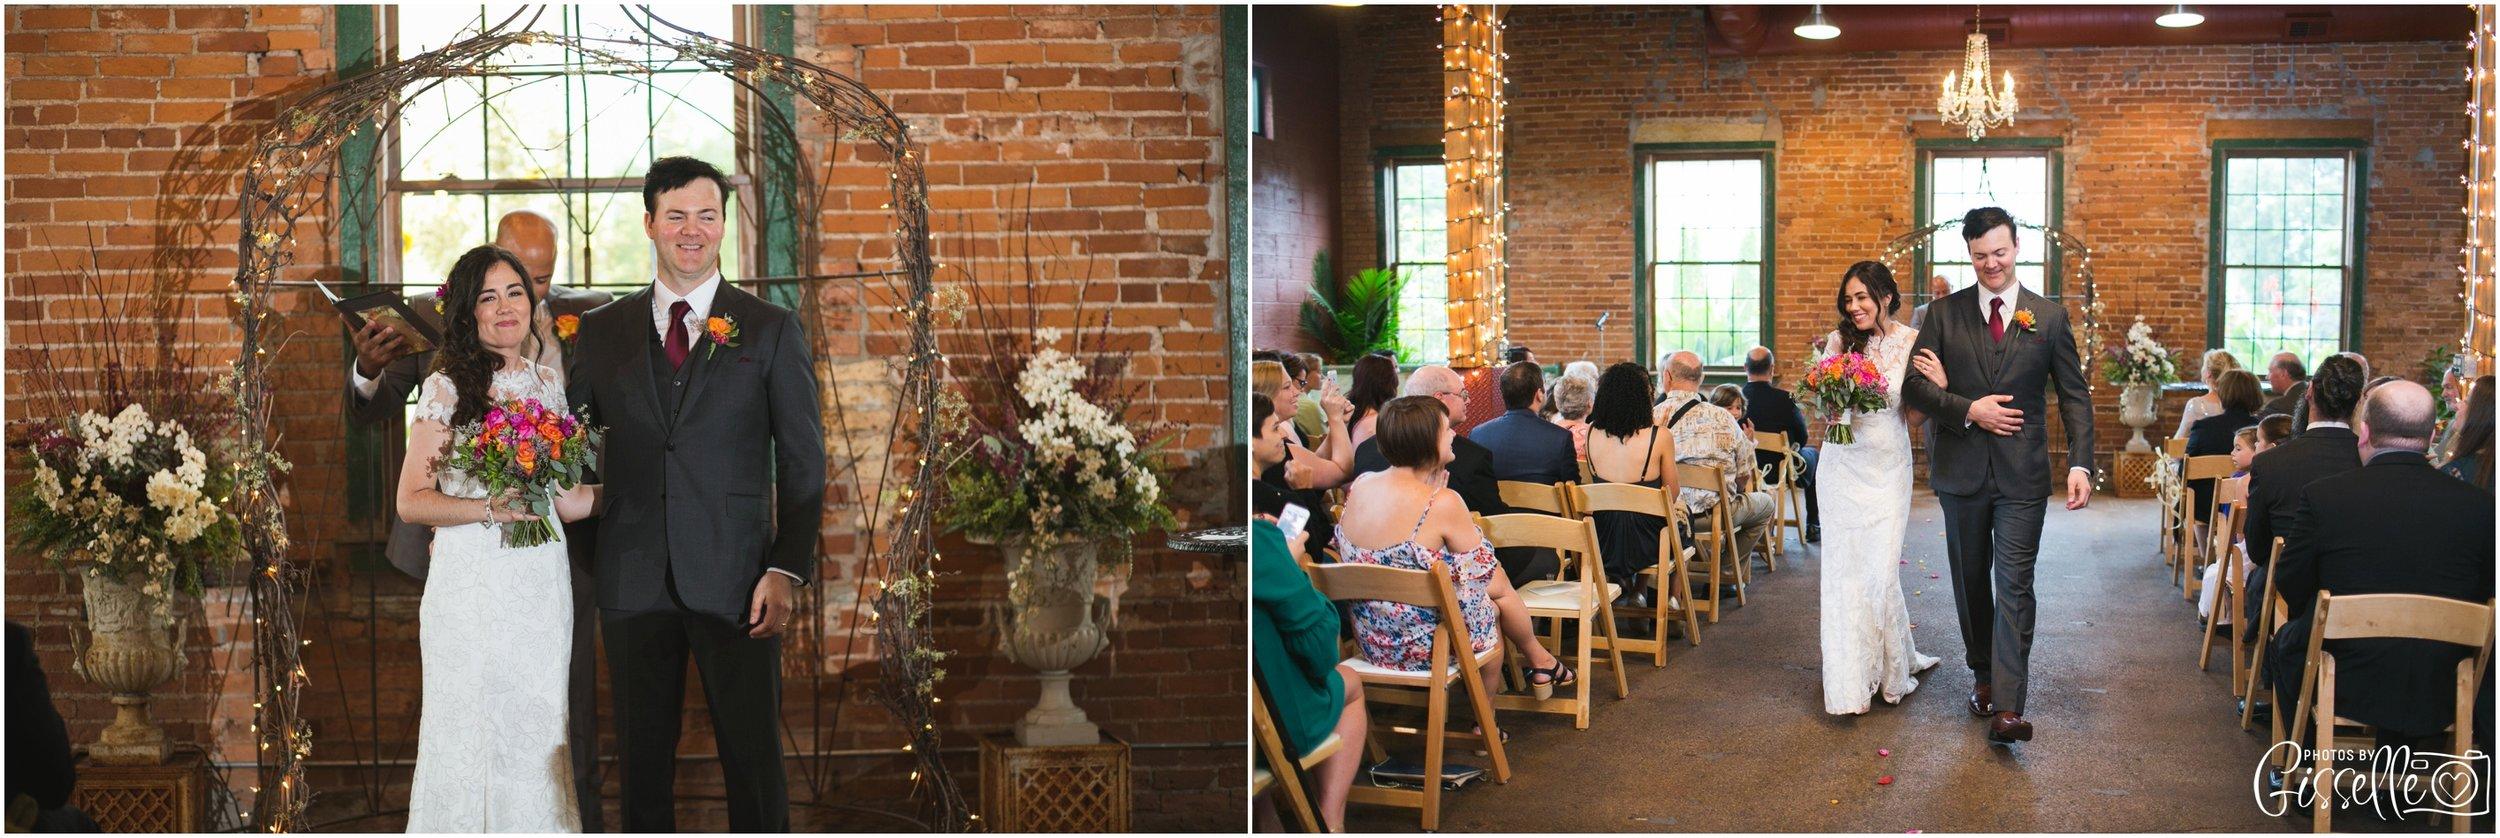 Blumen Gardens Wedding Photos_0011.jpg